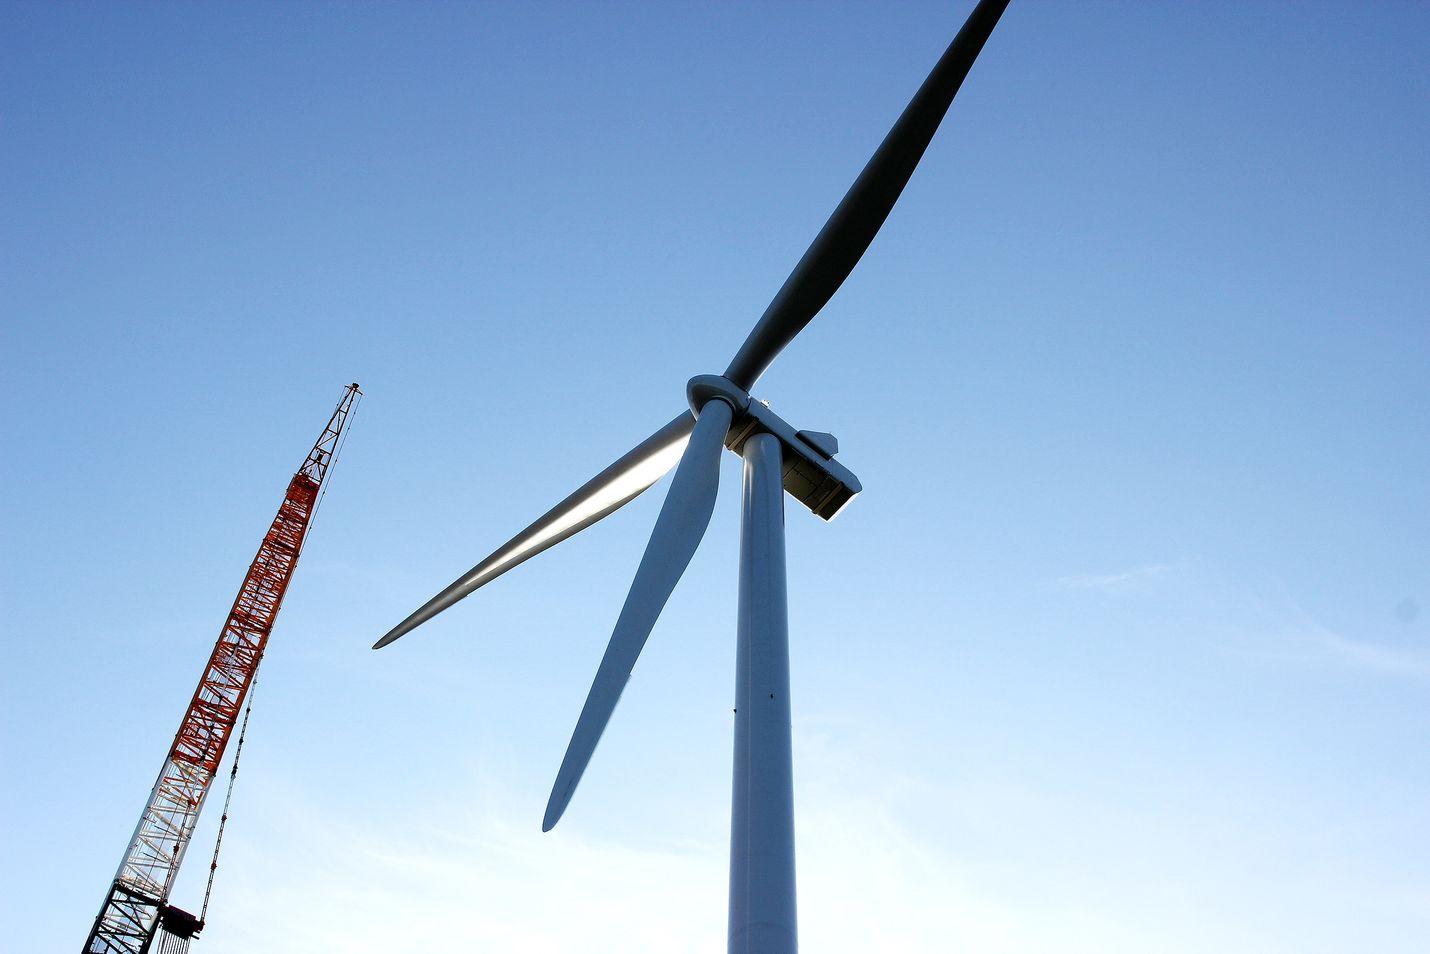 Tuulivoimaa ollaan rakentamassa runsaasti, ja vain pieni osa hankkeista saa tukea valtiolta. Useimmat uudet tuulipuistot ovat ulkomaisessa omistuksessa.